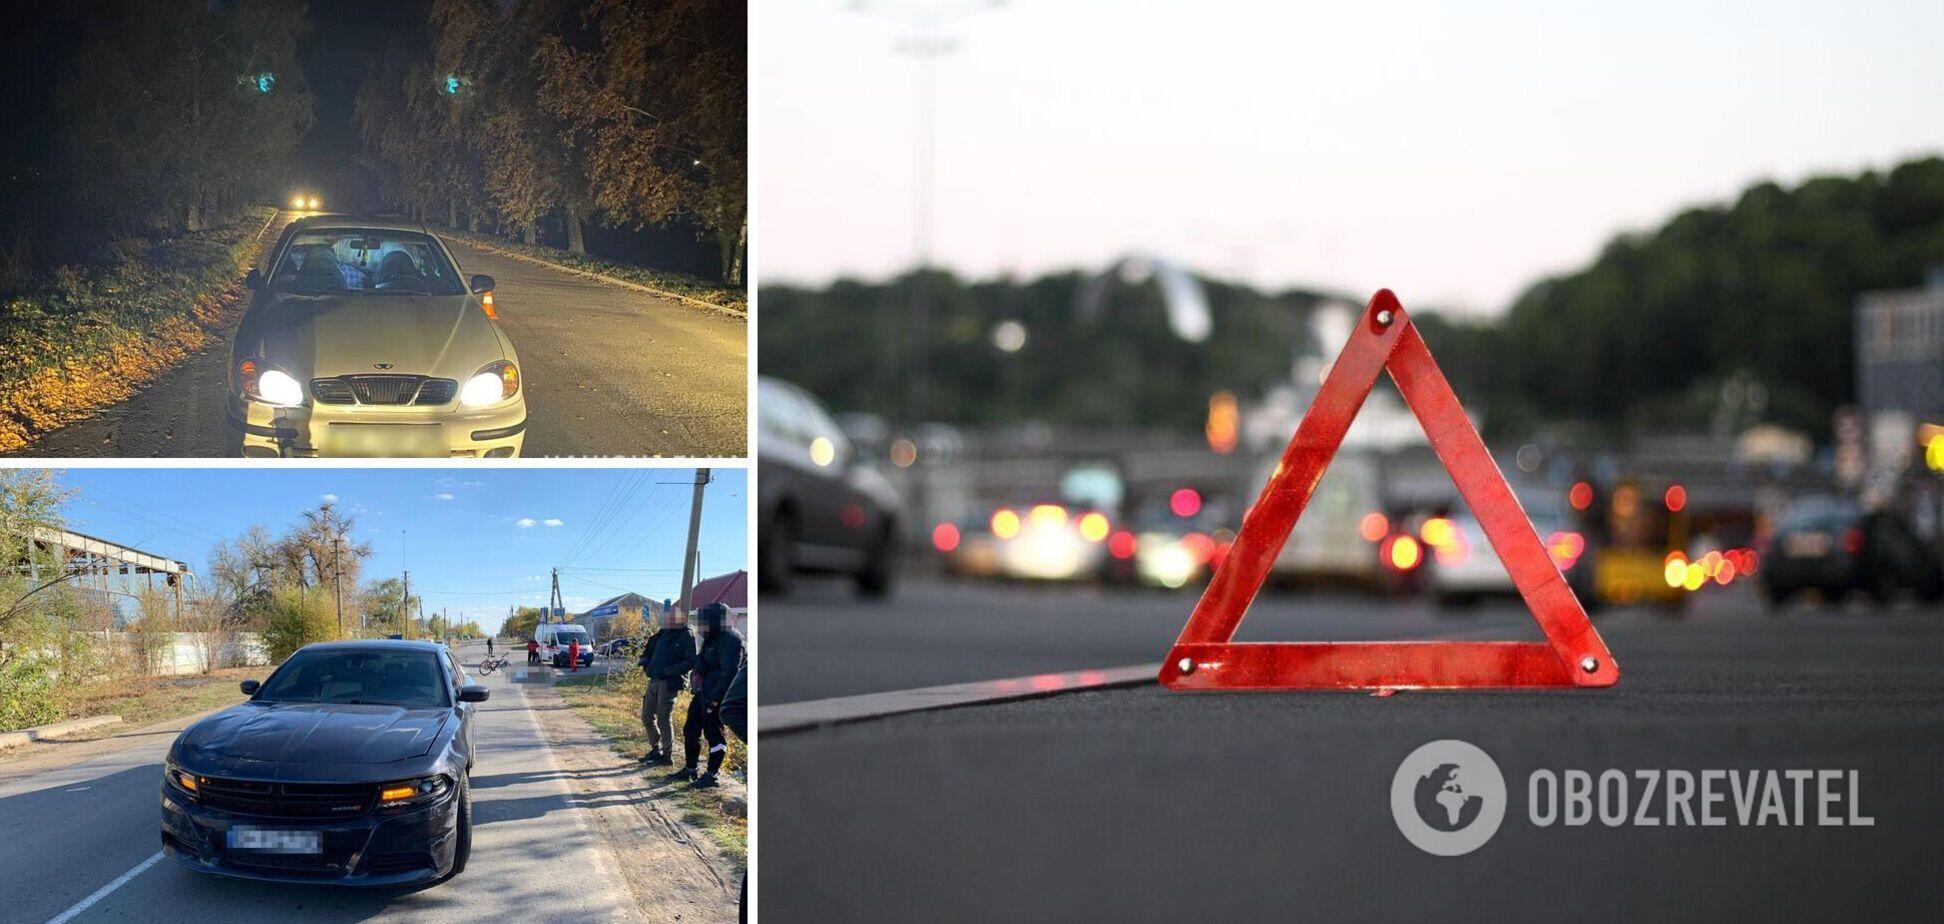 У Києві авто влетіло у відбійник, а на Полтавщині водій збив на смерть дитину. Головне про ДТП в Україні на 25 жовтня